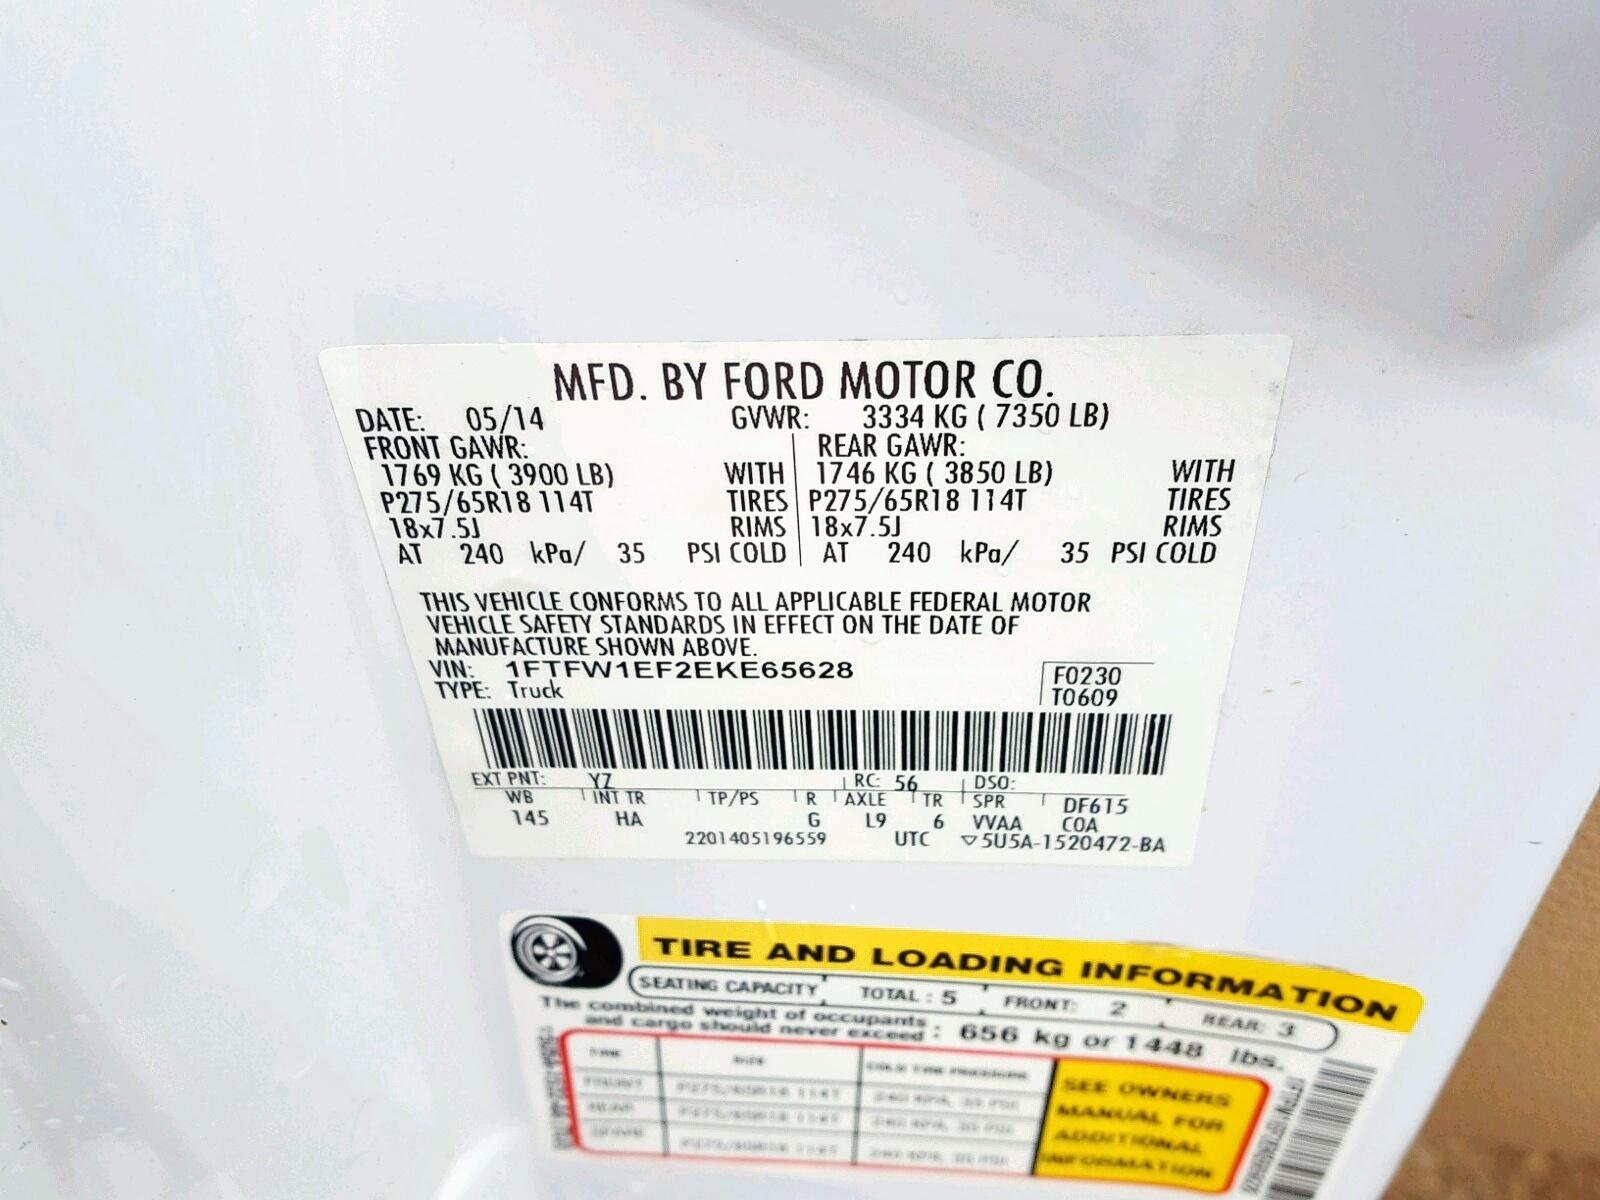 2014 Ford F150 Super 5 0L 8 in AL - Montgomery (1FTFW1EF2EKE65628